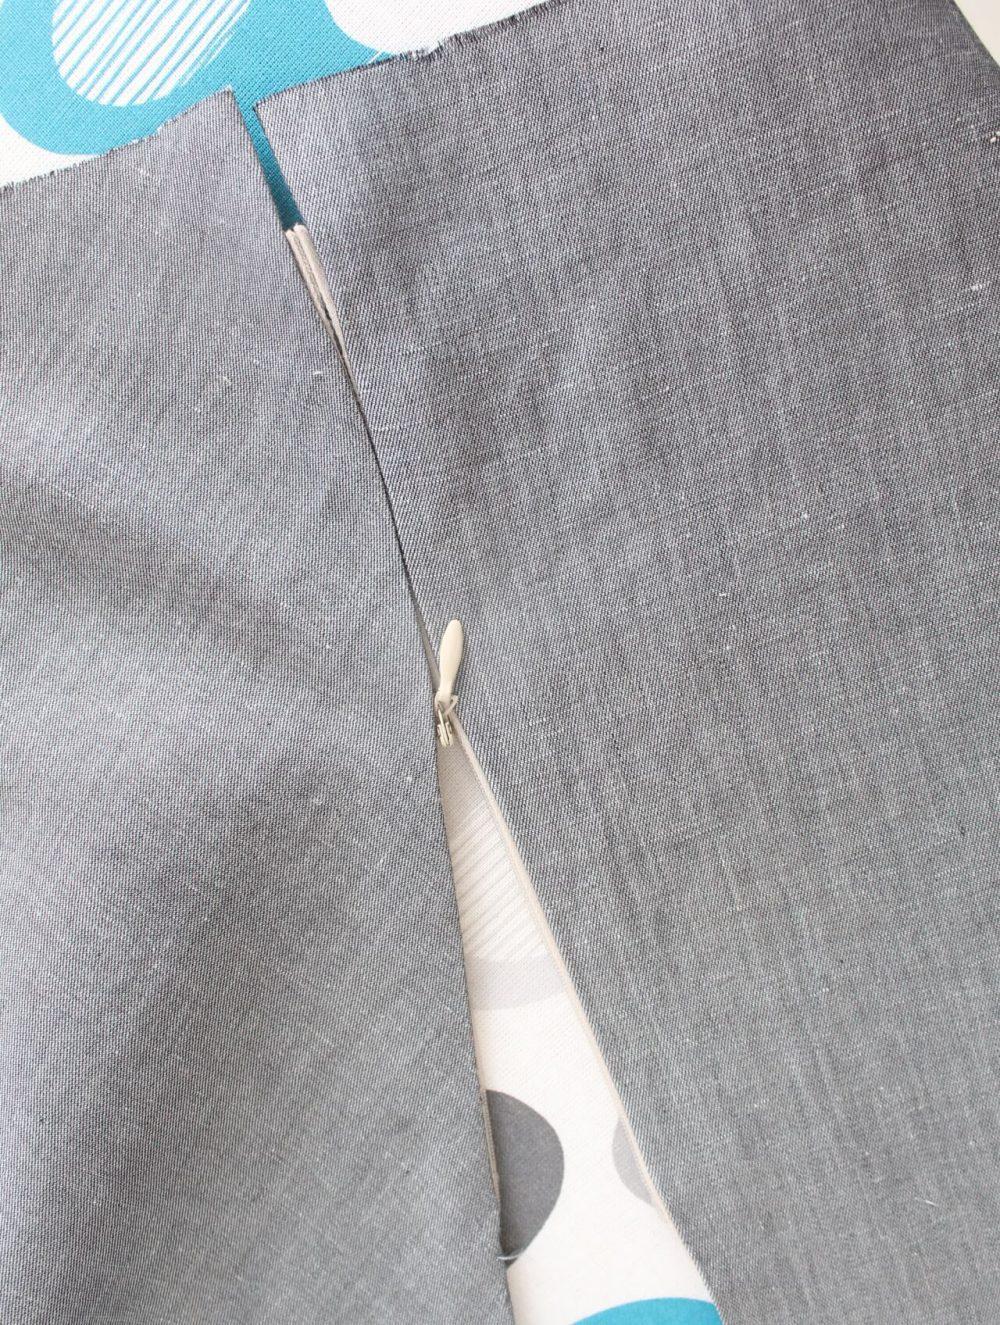 Sewing basics and tutorials